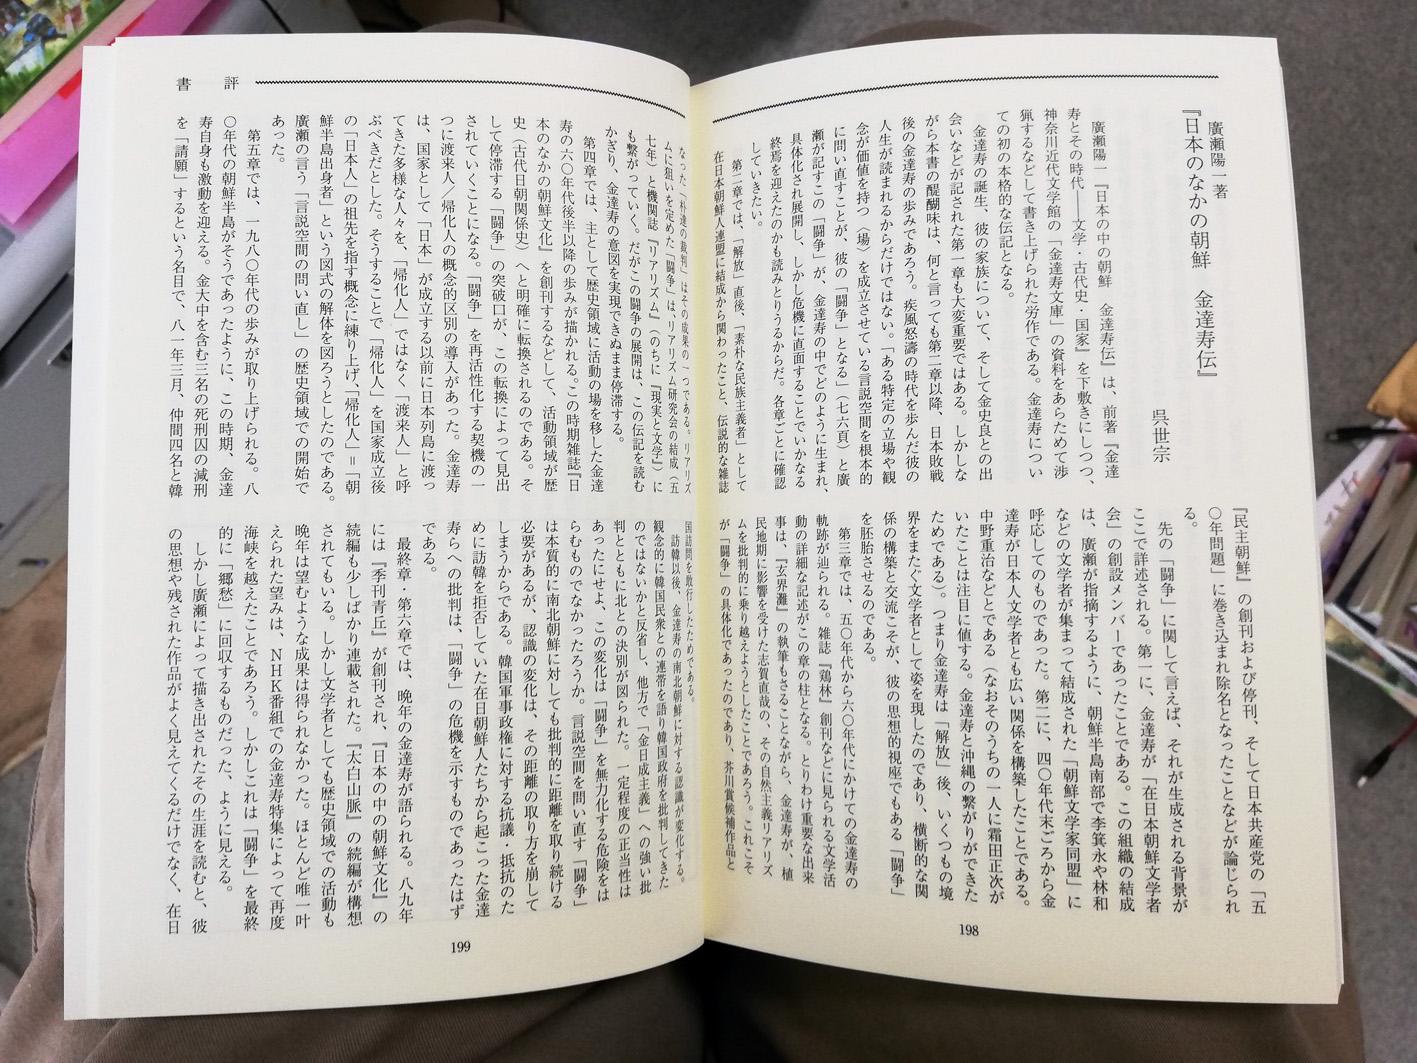 『社会文学』第52号での『金達寿伝』書評